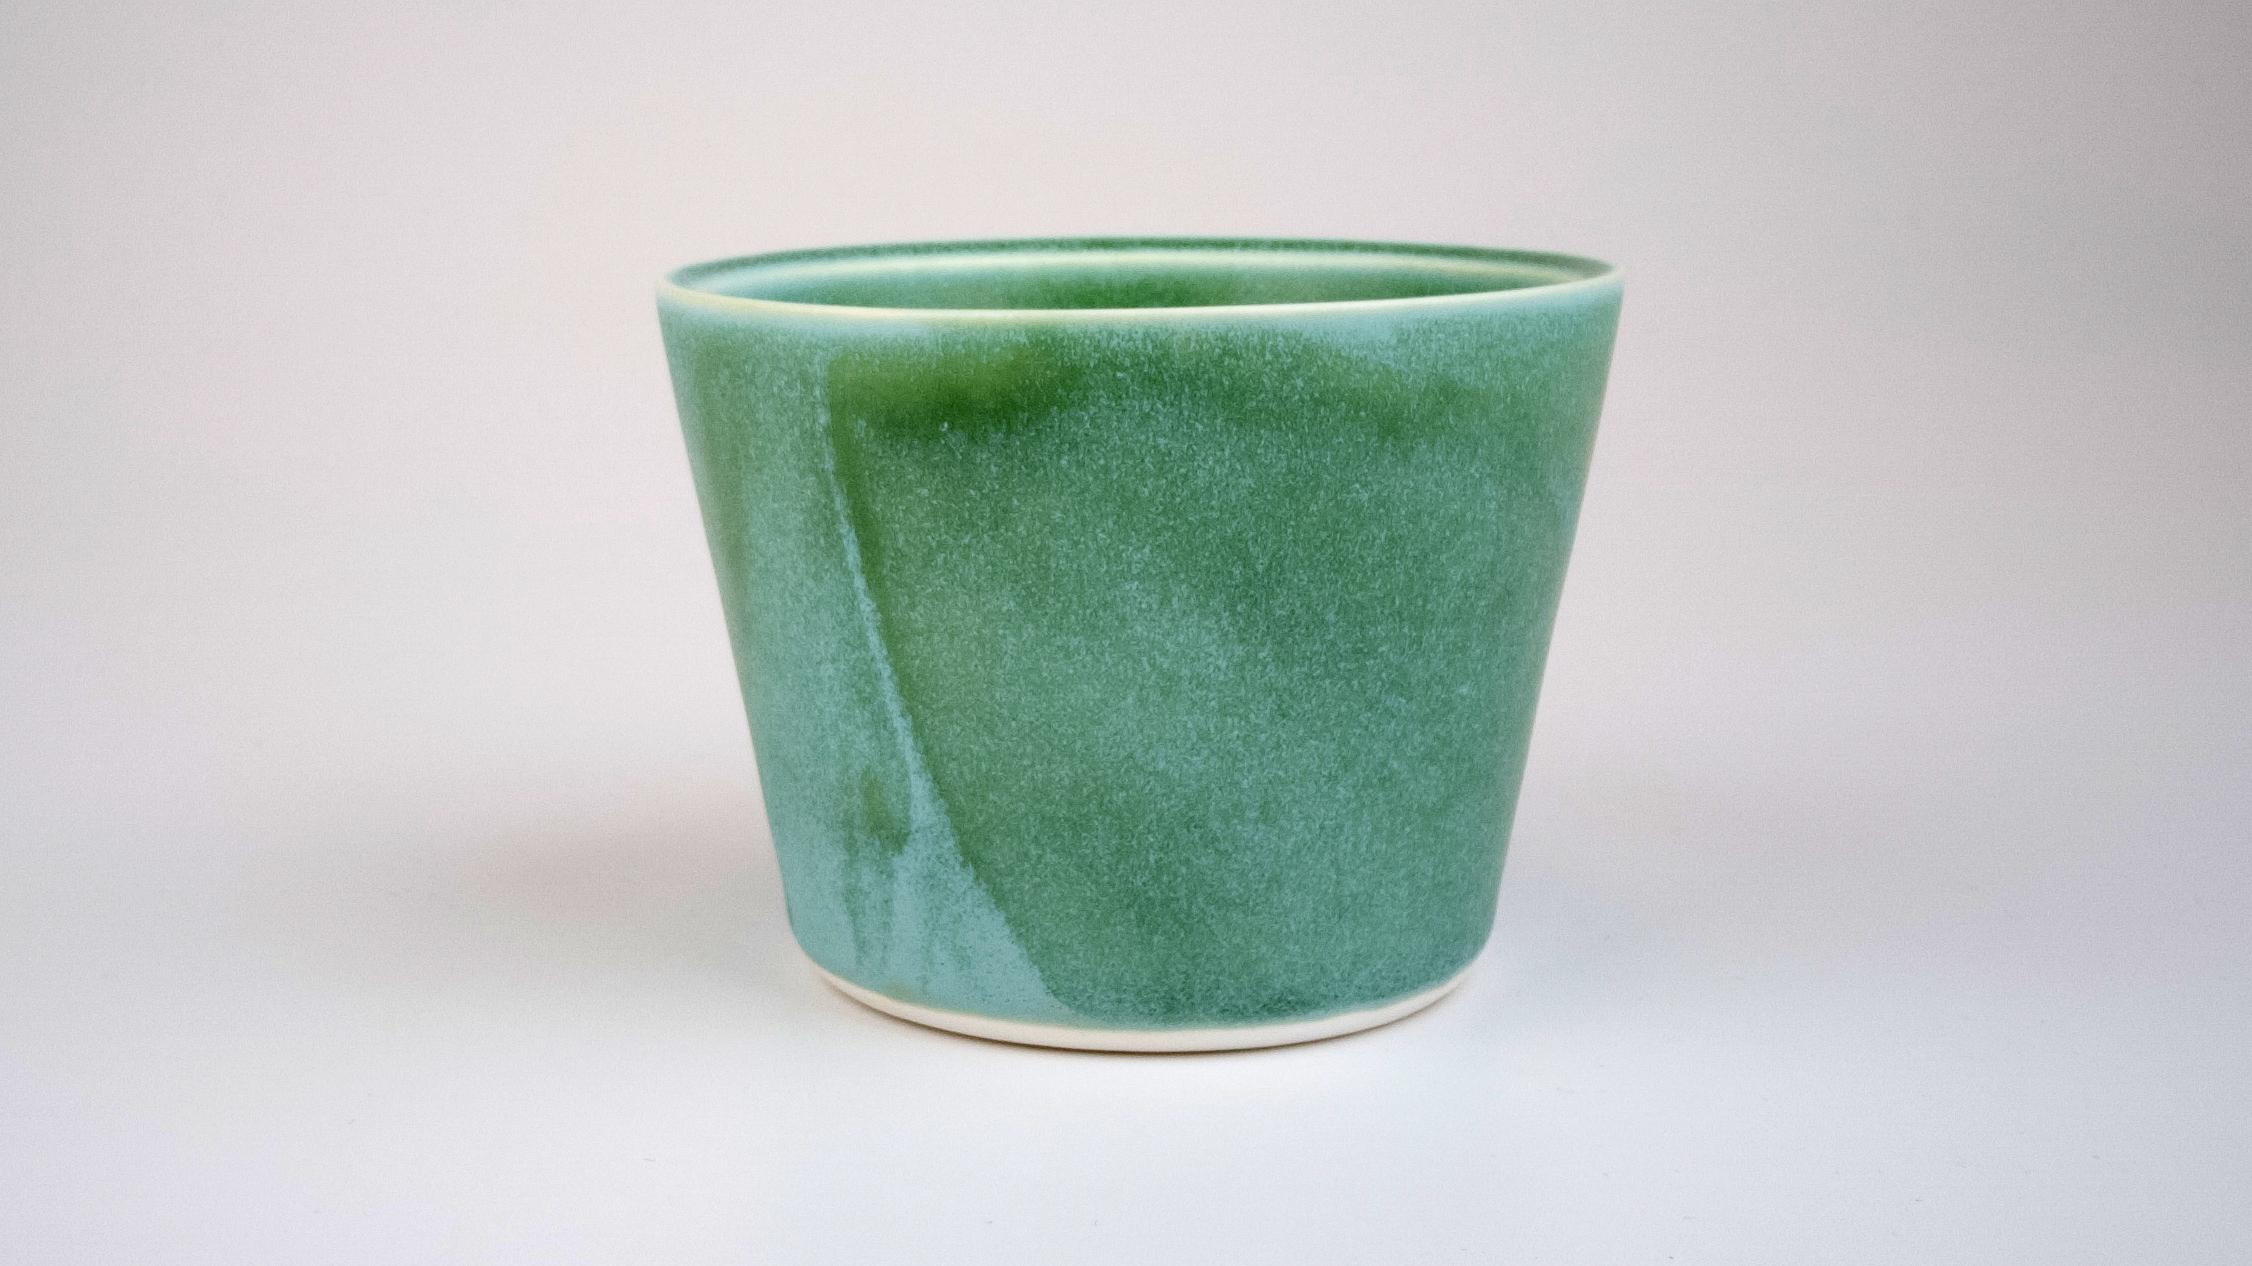 Wedge Cup With Matt Green Glaze